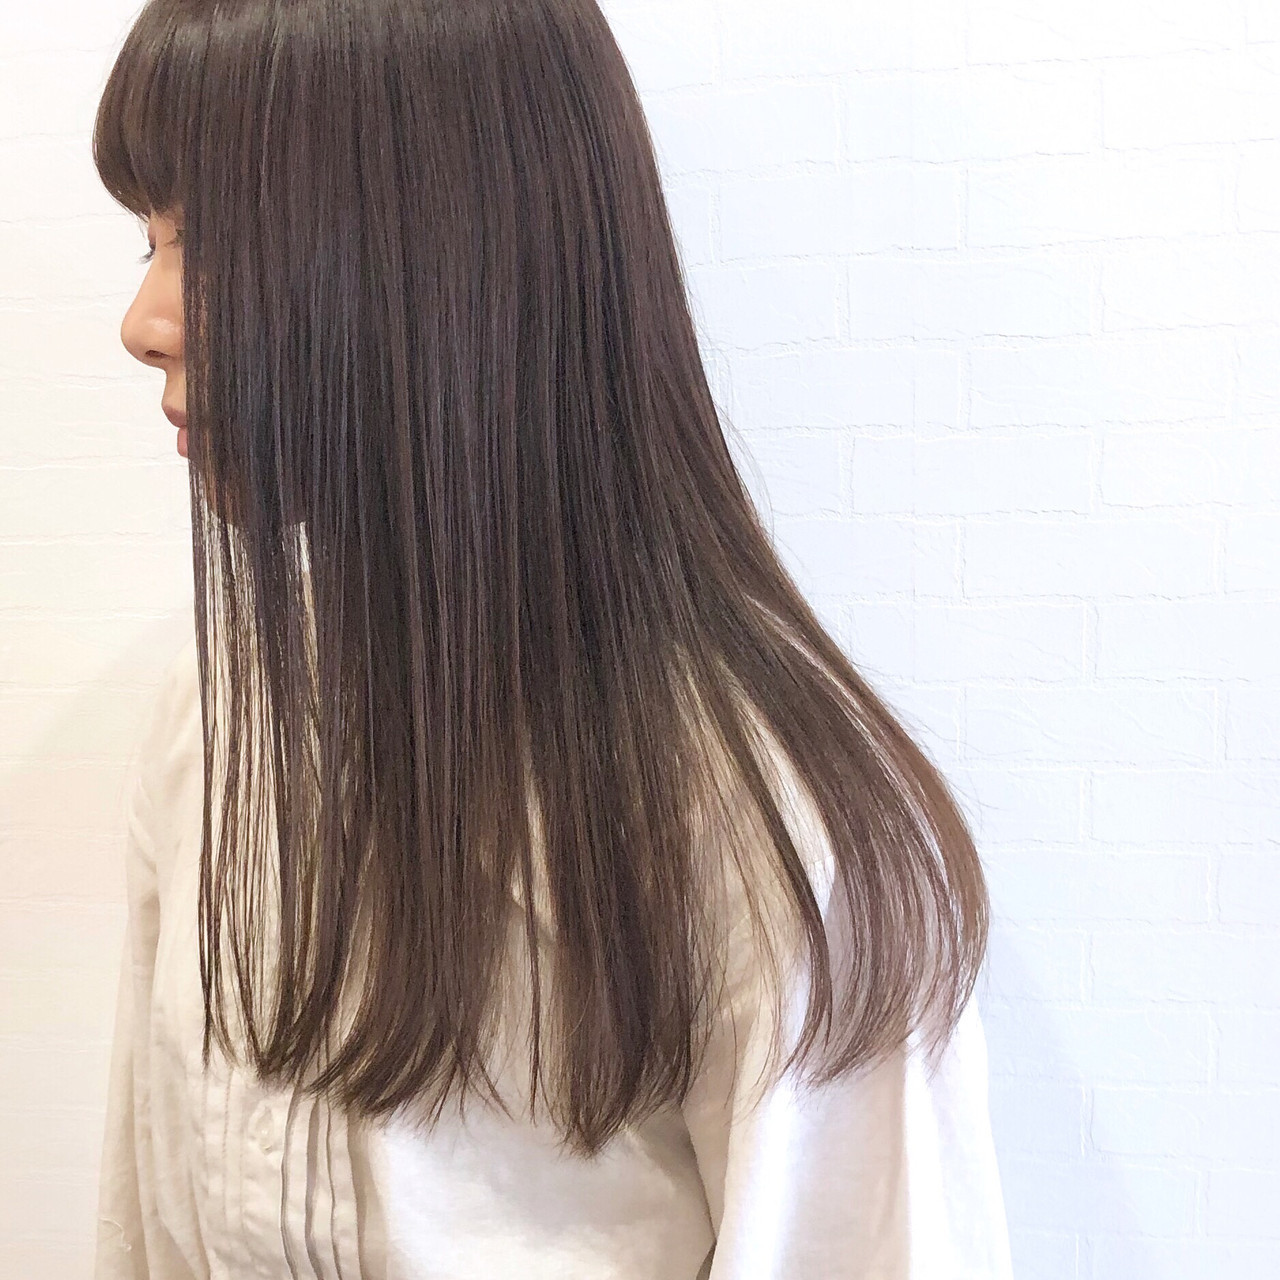 ラベンダー ラベンダーグレージュ ロング ベージュ ヘアスタイルや髪型の写真・画像